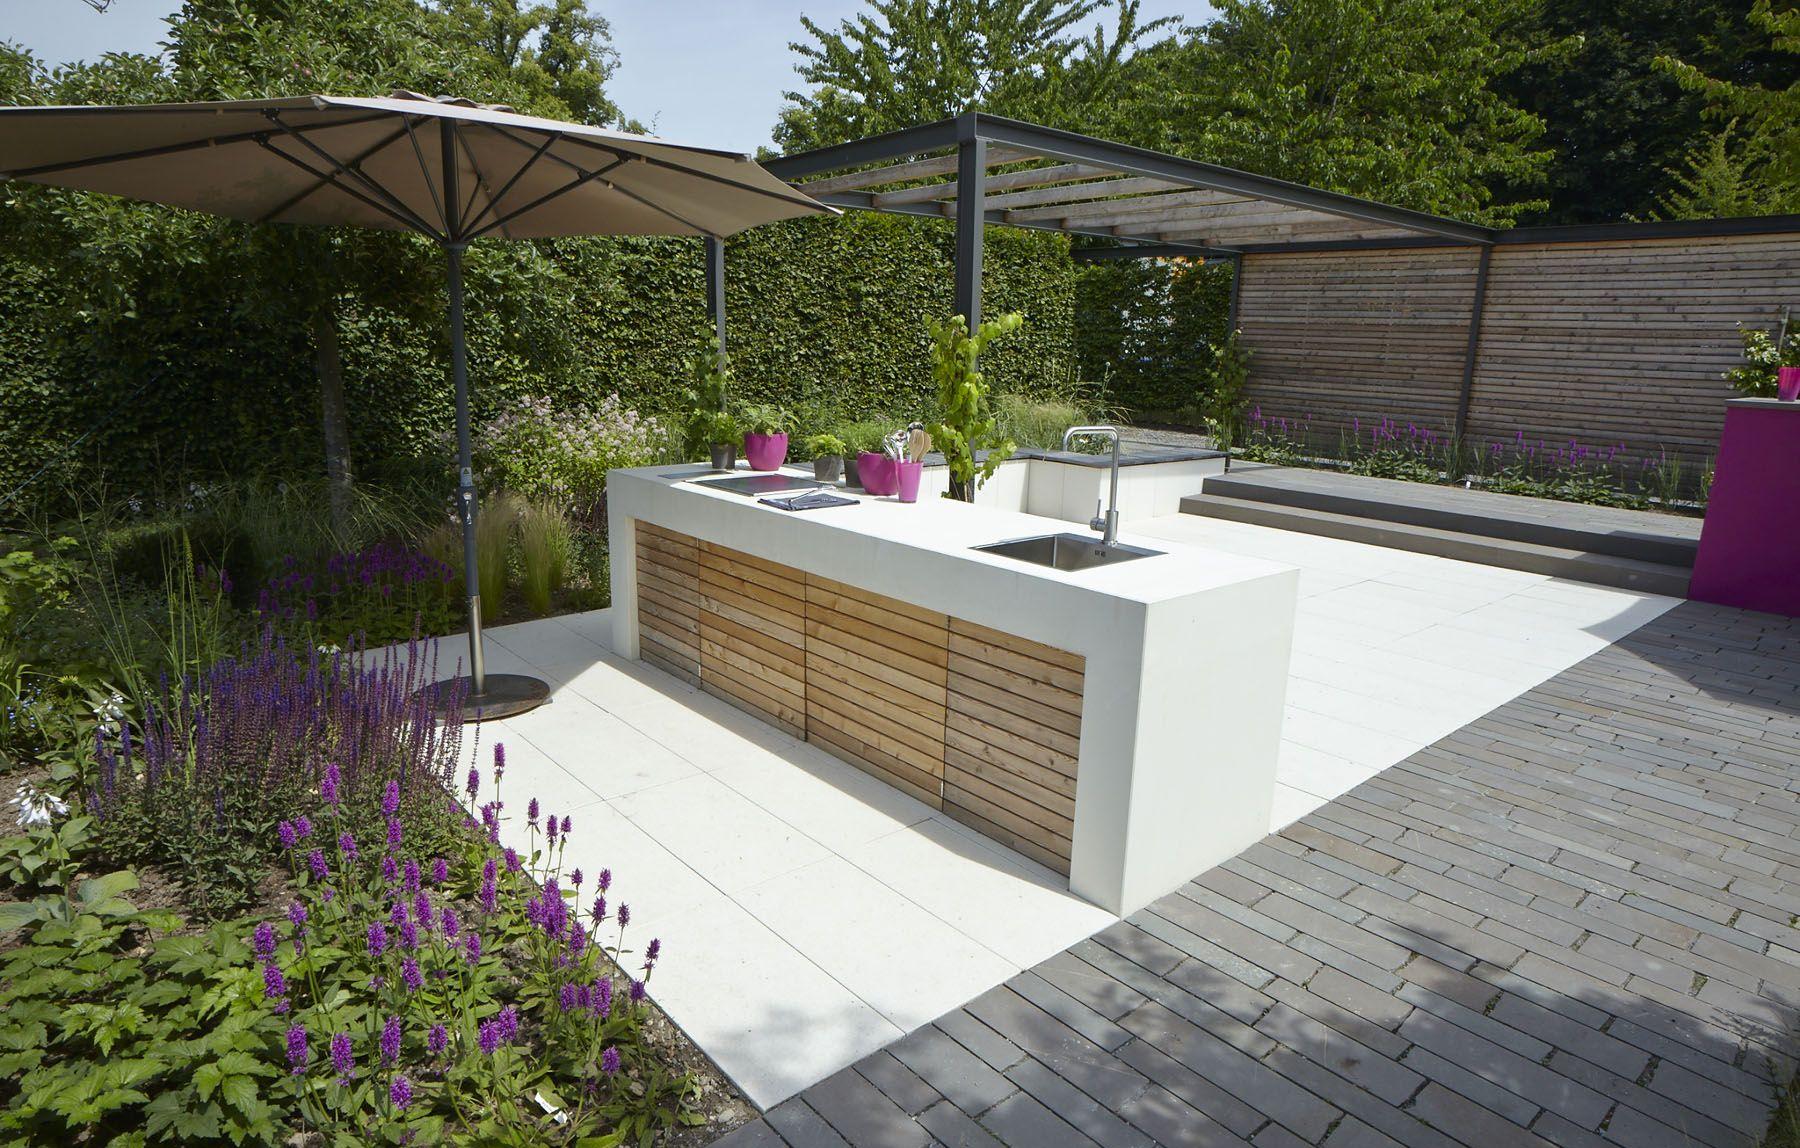 Fein Kühle Außenküche Design Fotos - Küche Set Ideen ...